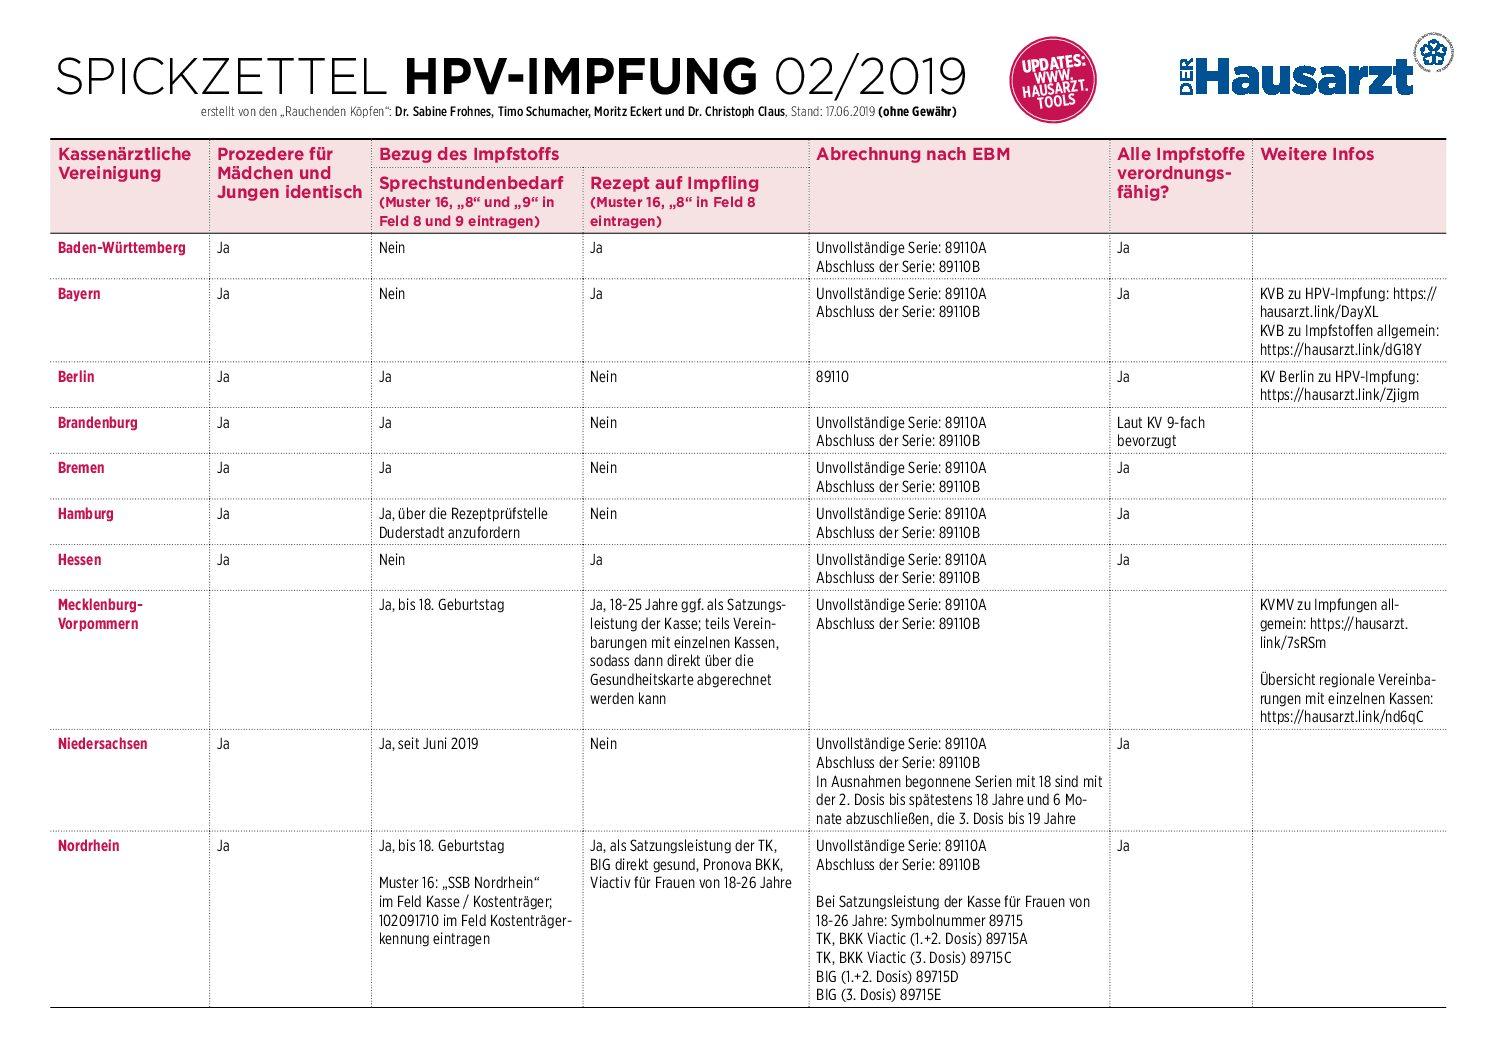 hpv impfung manner tk papilloma virus probabilita tumore